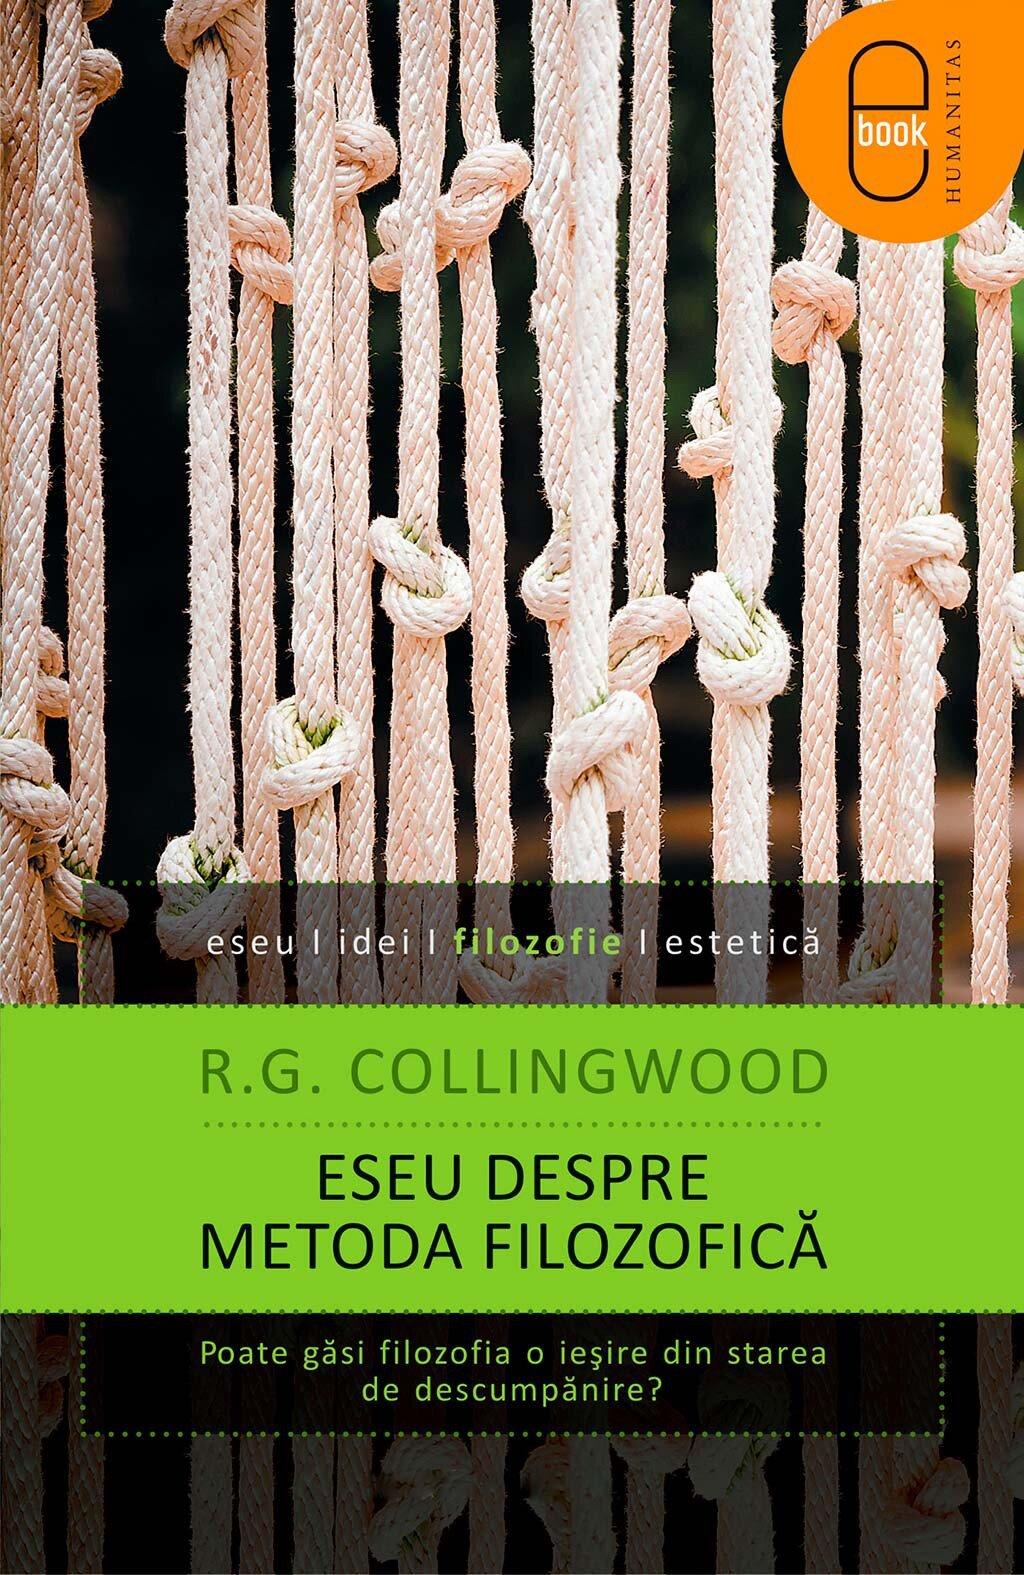 Eseu despre metoda filozofica. Poate gasi filozofia o iesire din starea de descumpanire? (eBook)